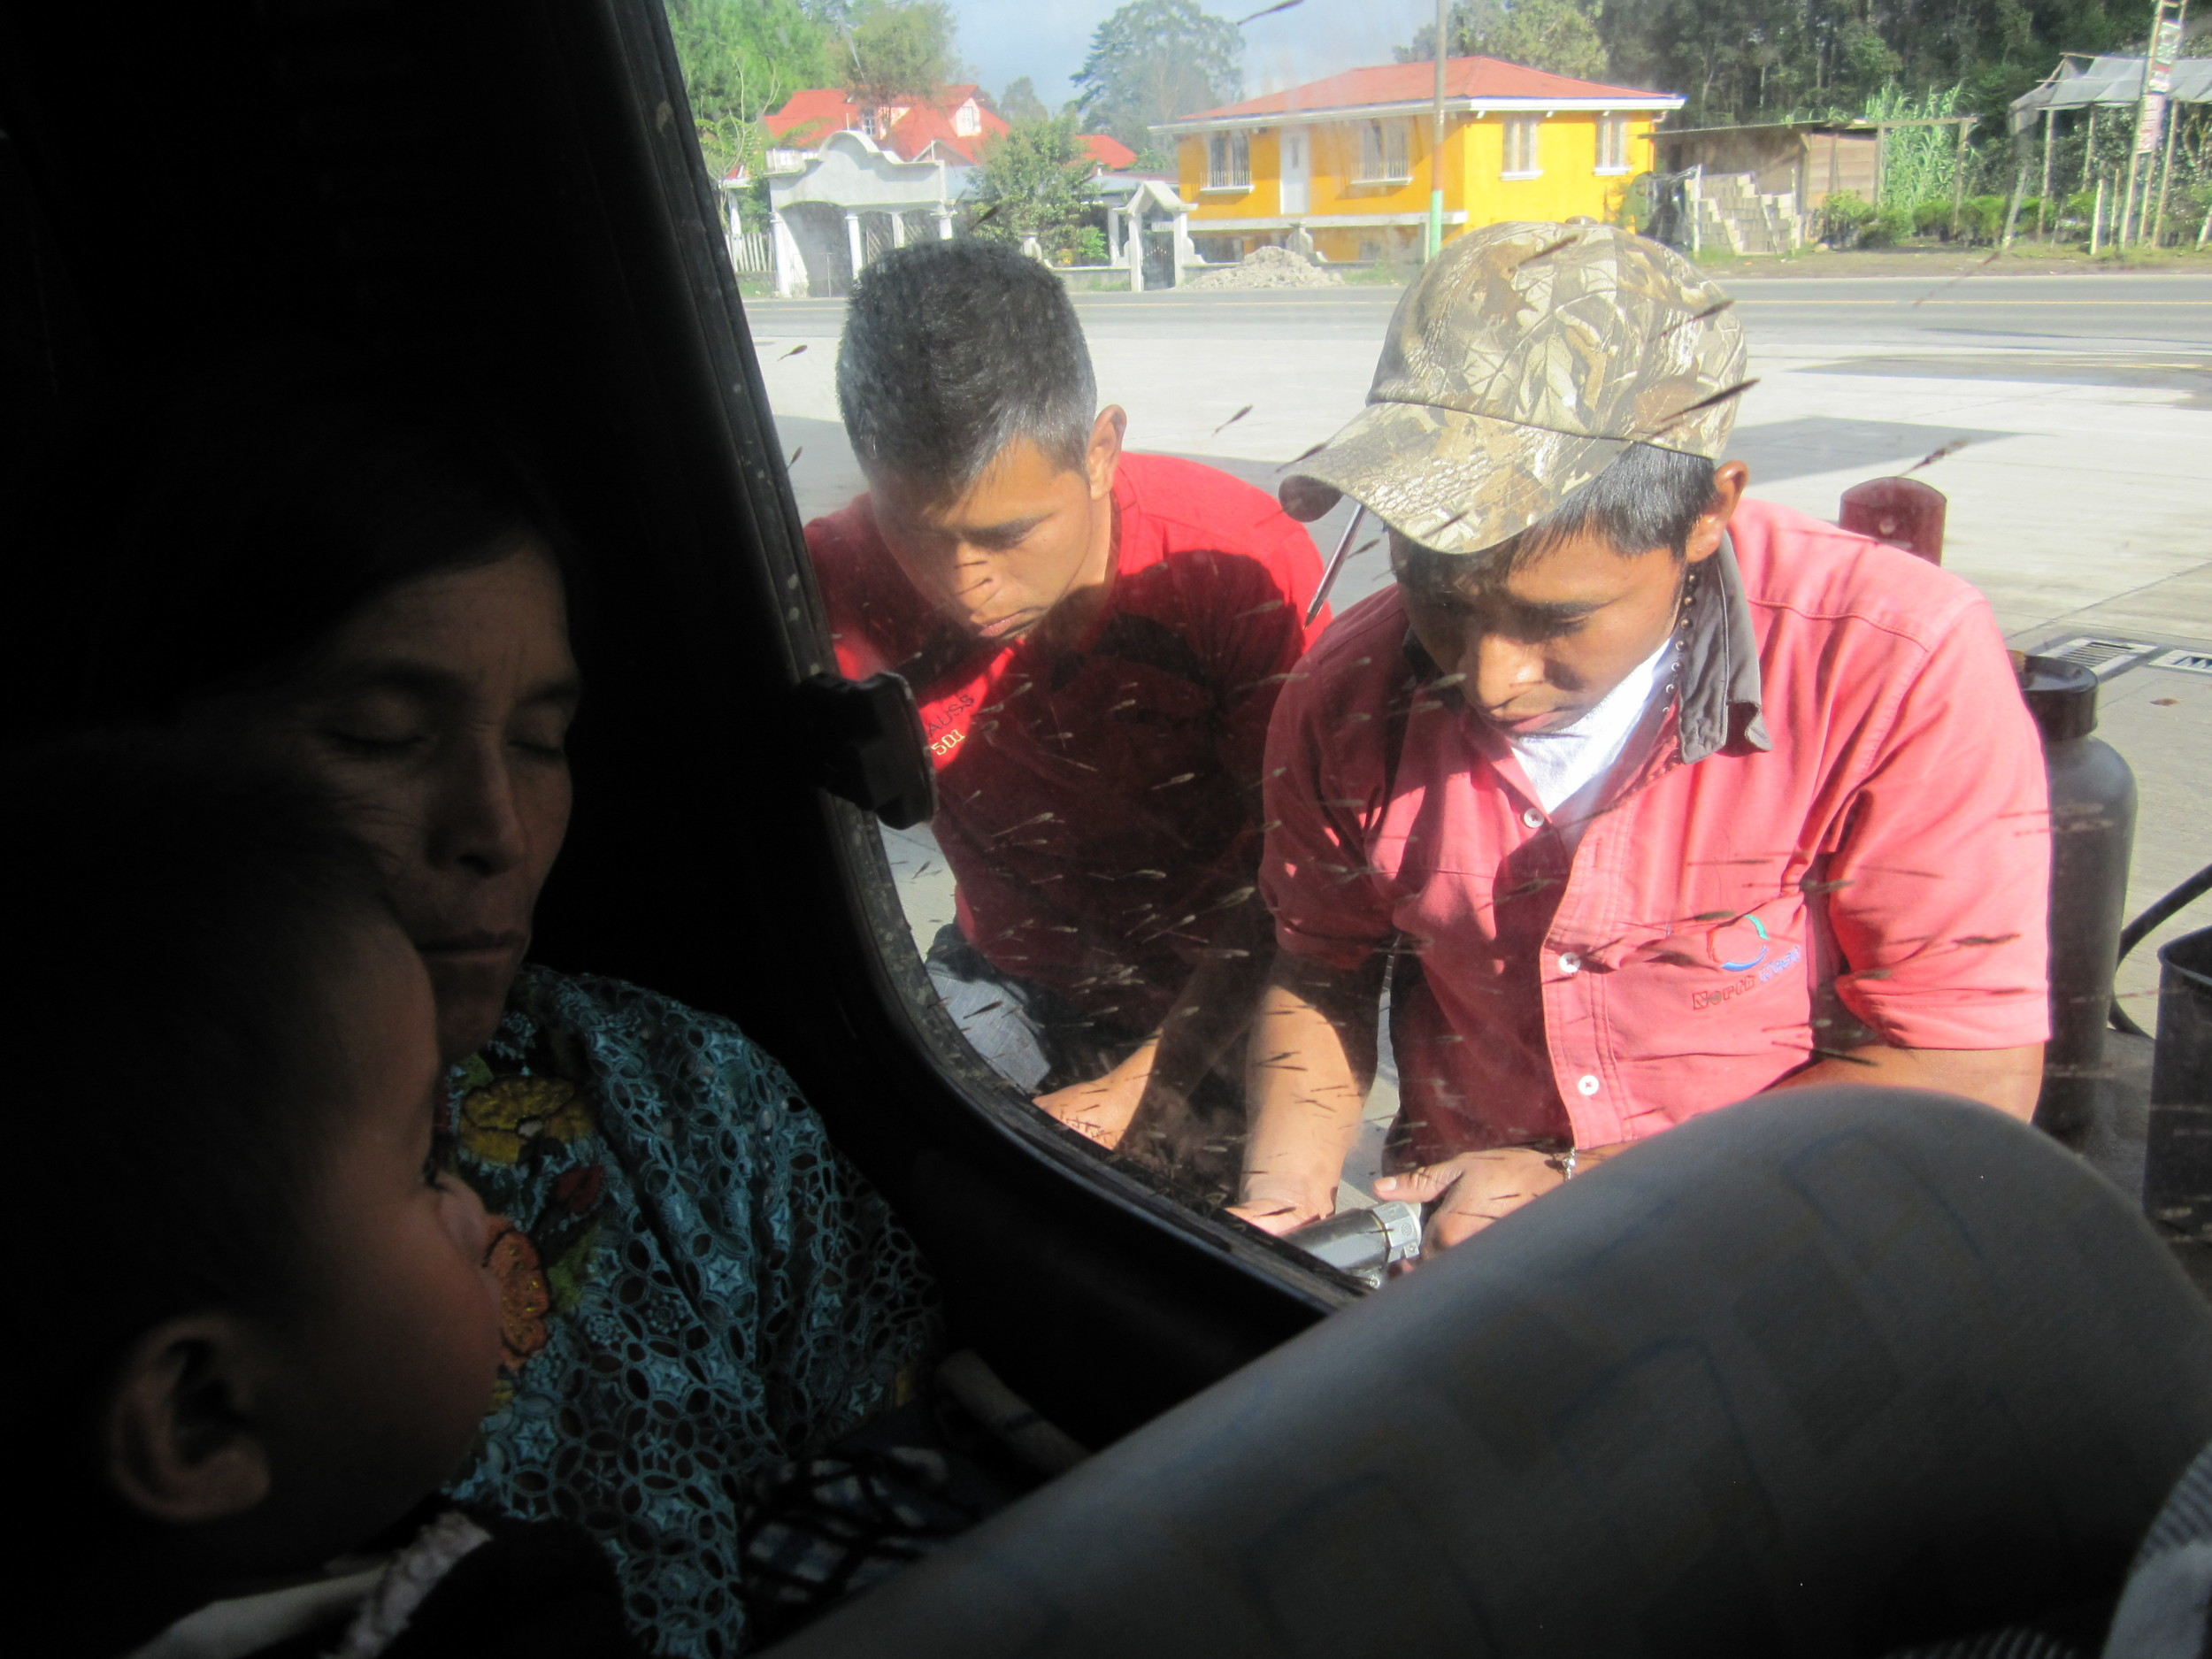 2015-01-09_Guatemala_Dylan_Pu.Ying.Huang446.JPG